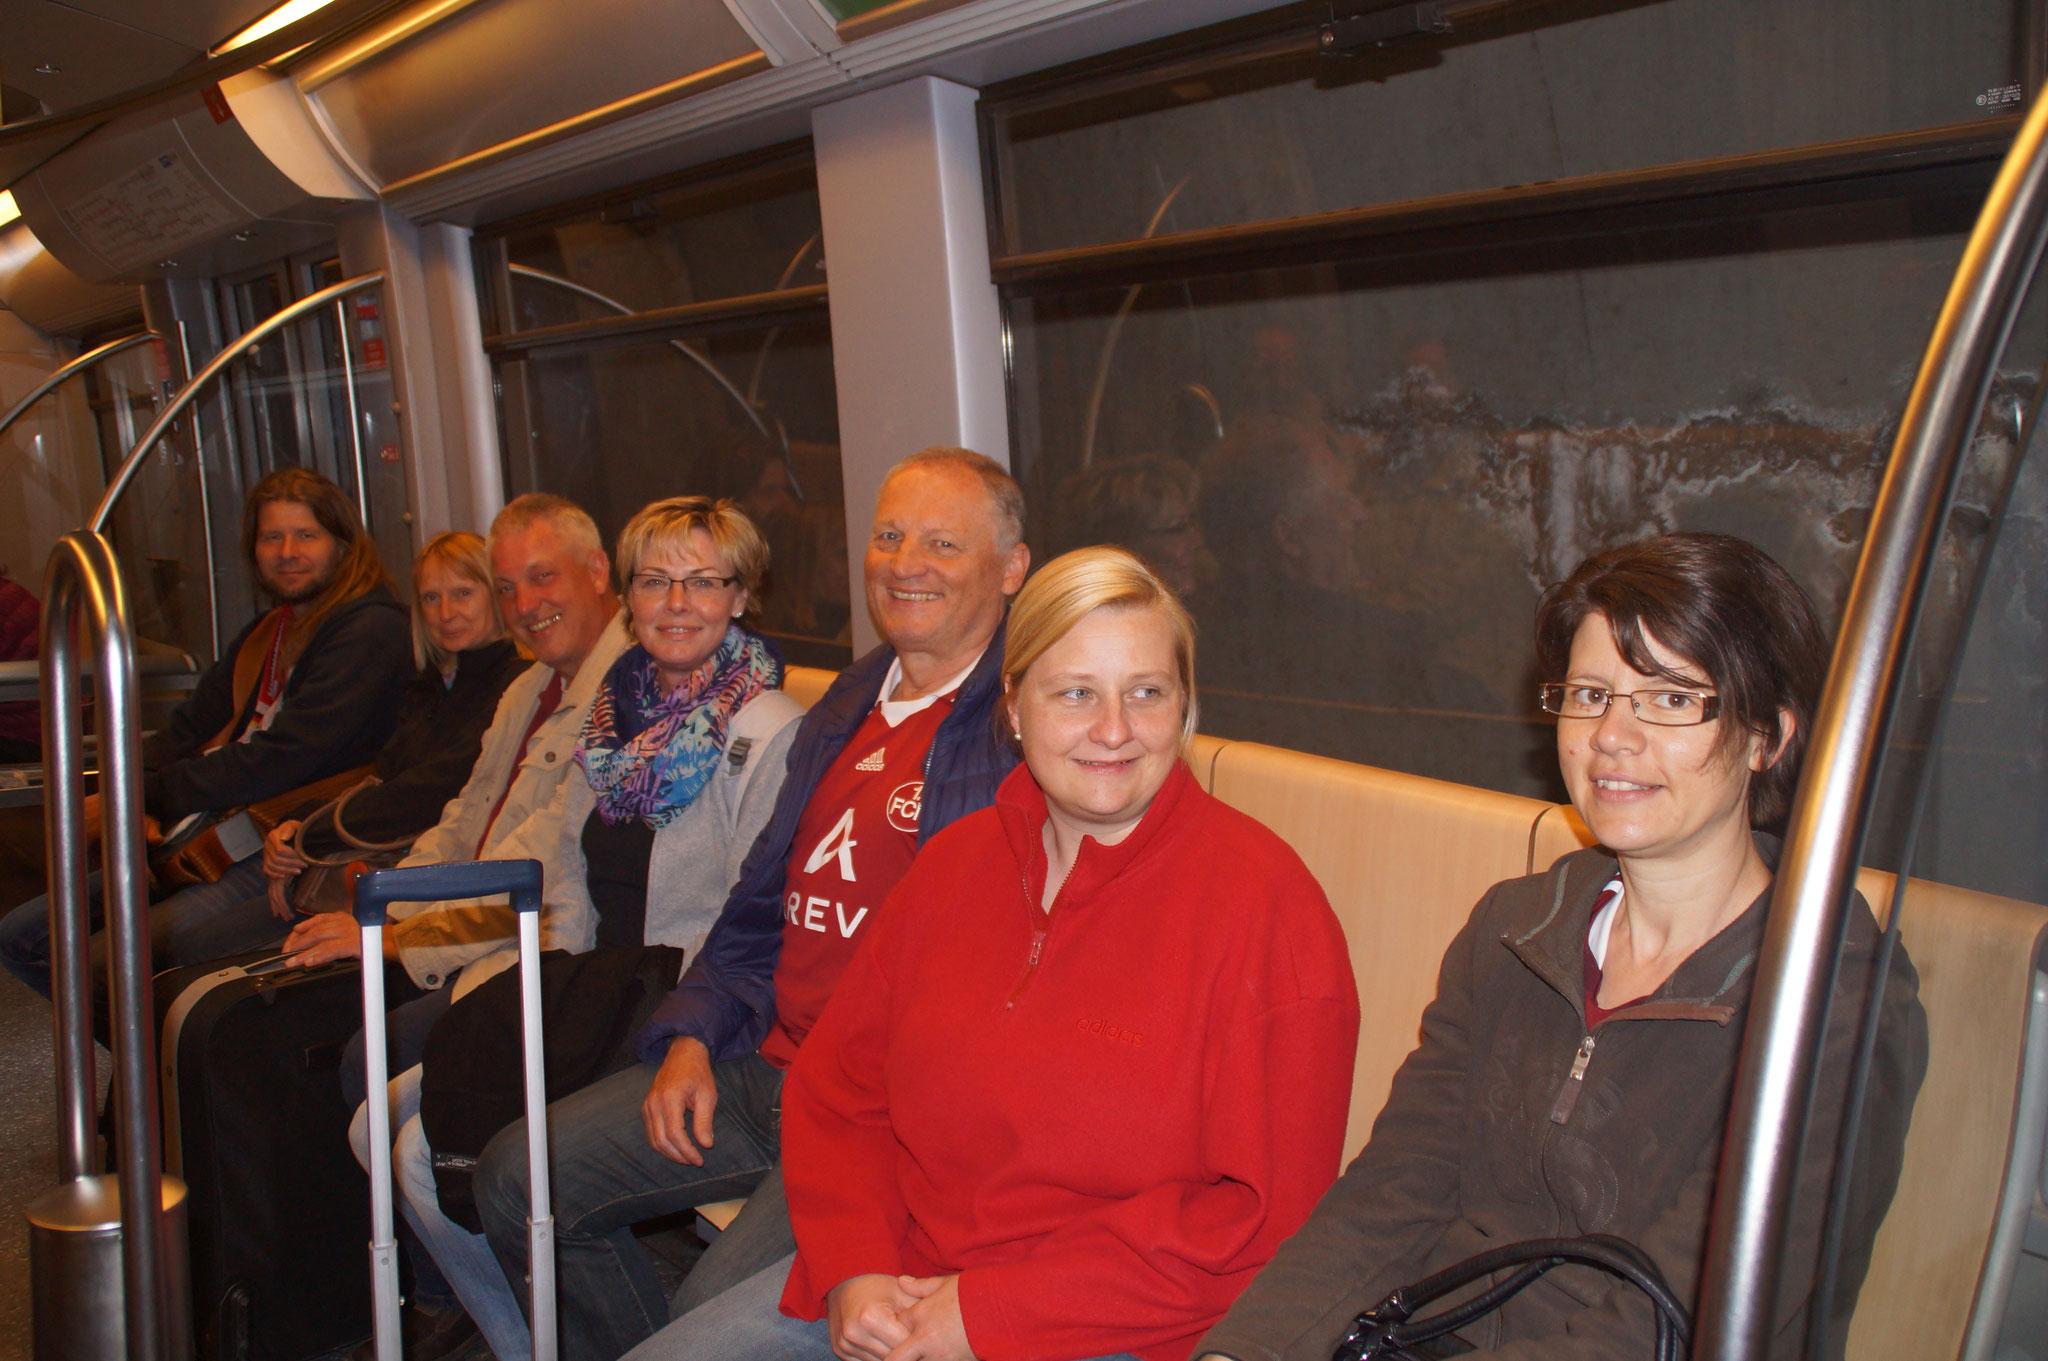 Familienausflug nach München vom 16.05. - 17.05.2015